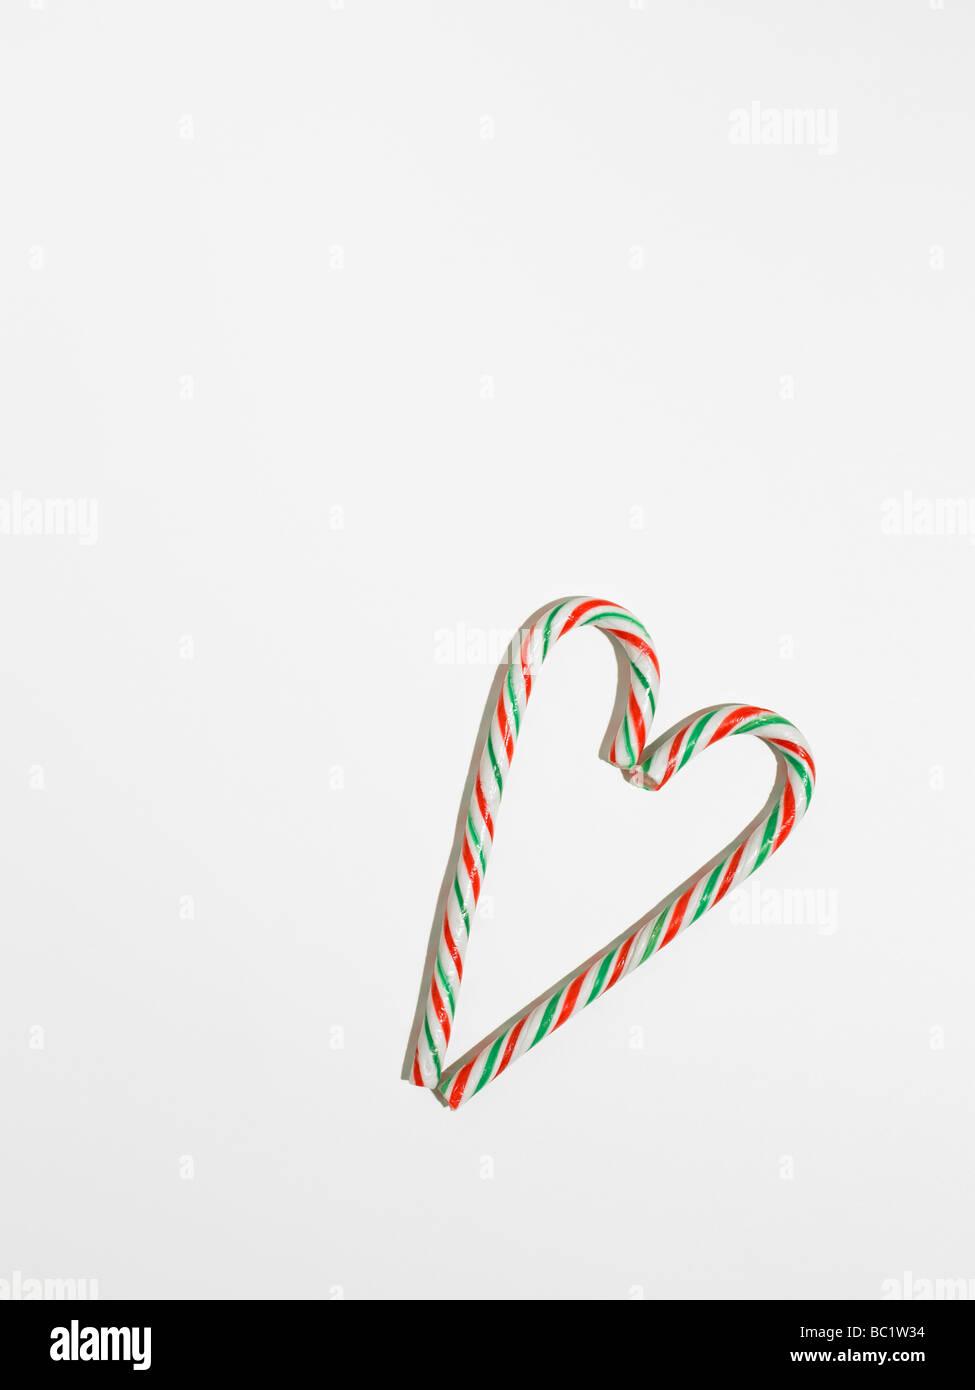 Bâtonnets de cannes de bonbons en forme de coeur Photo Stock